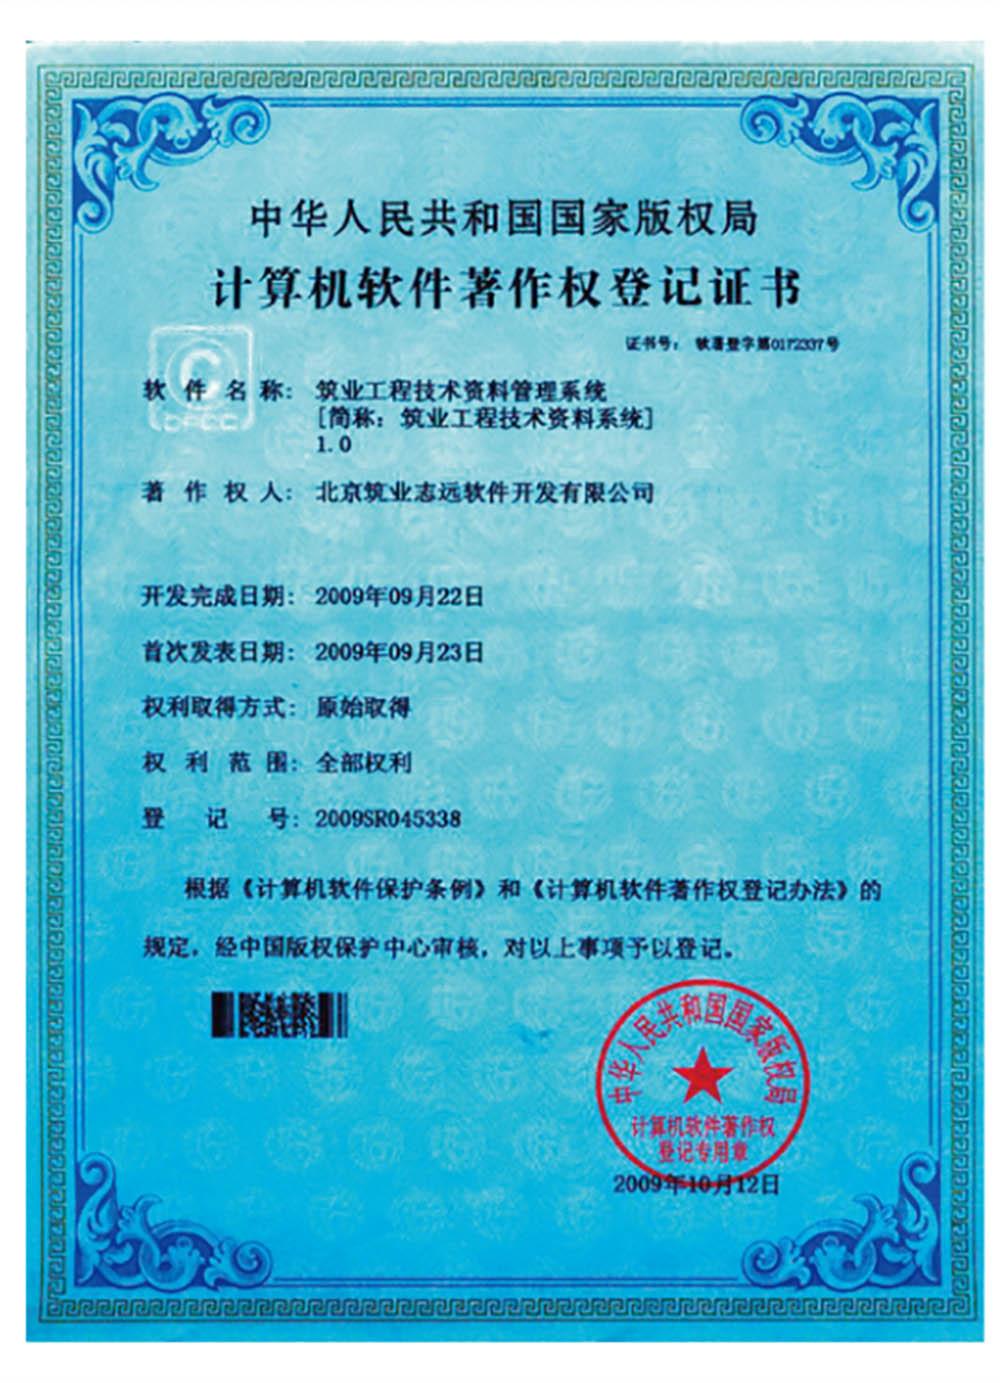 著作权登记证书-工程技术ballbet贝博西甲贝博ballbet苹果下载